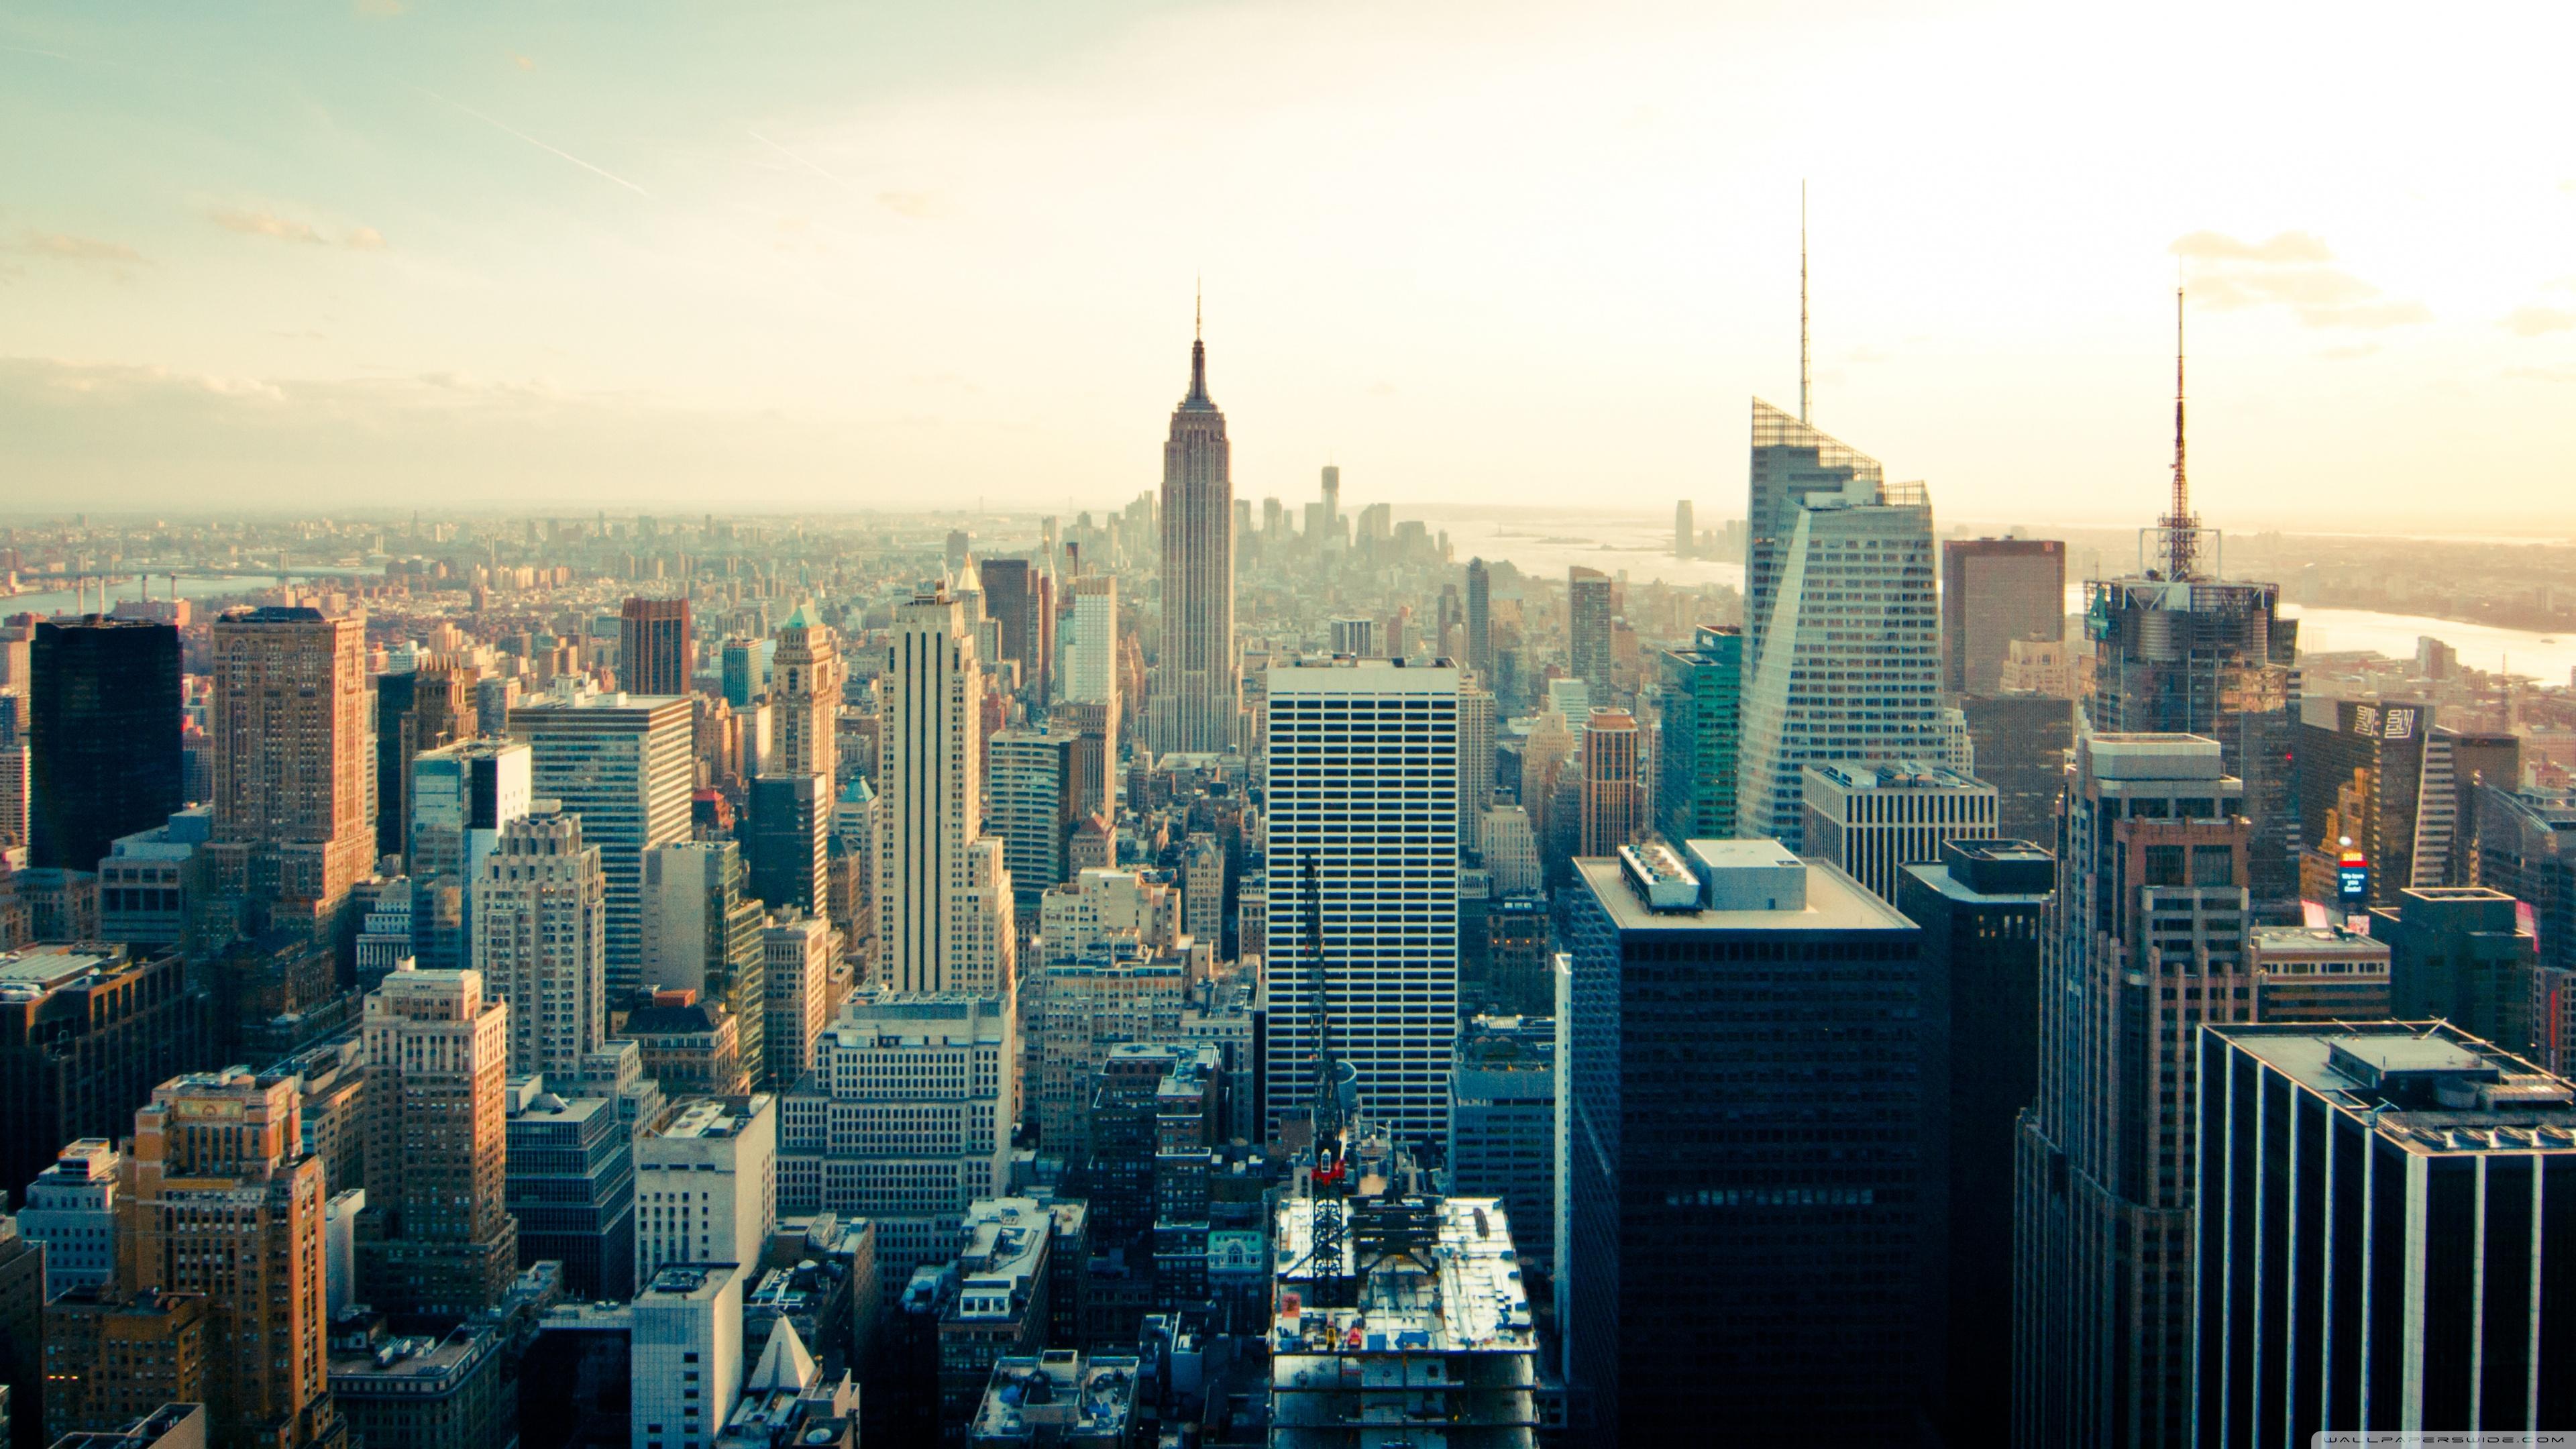 Skyline Buildings 4K HD Desktop Wallpaper for 4K Ultra HD TV 3840x2160